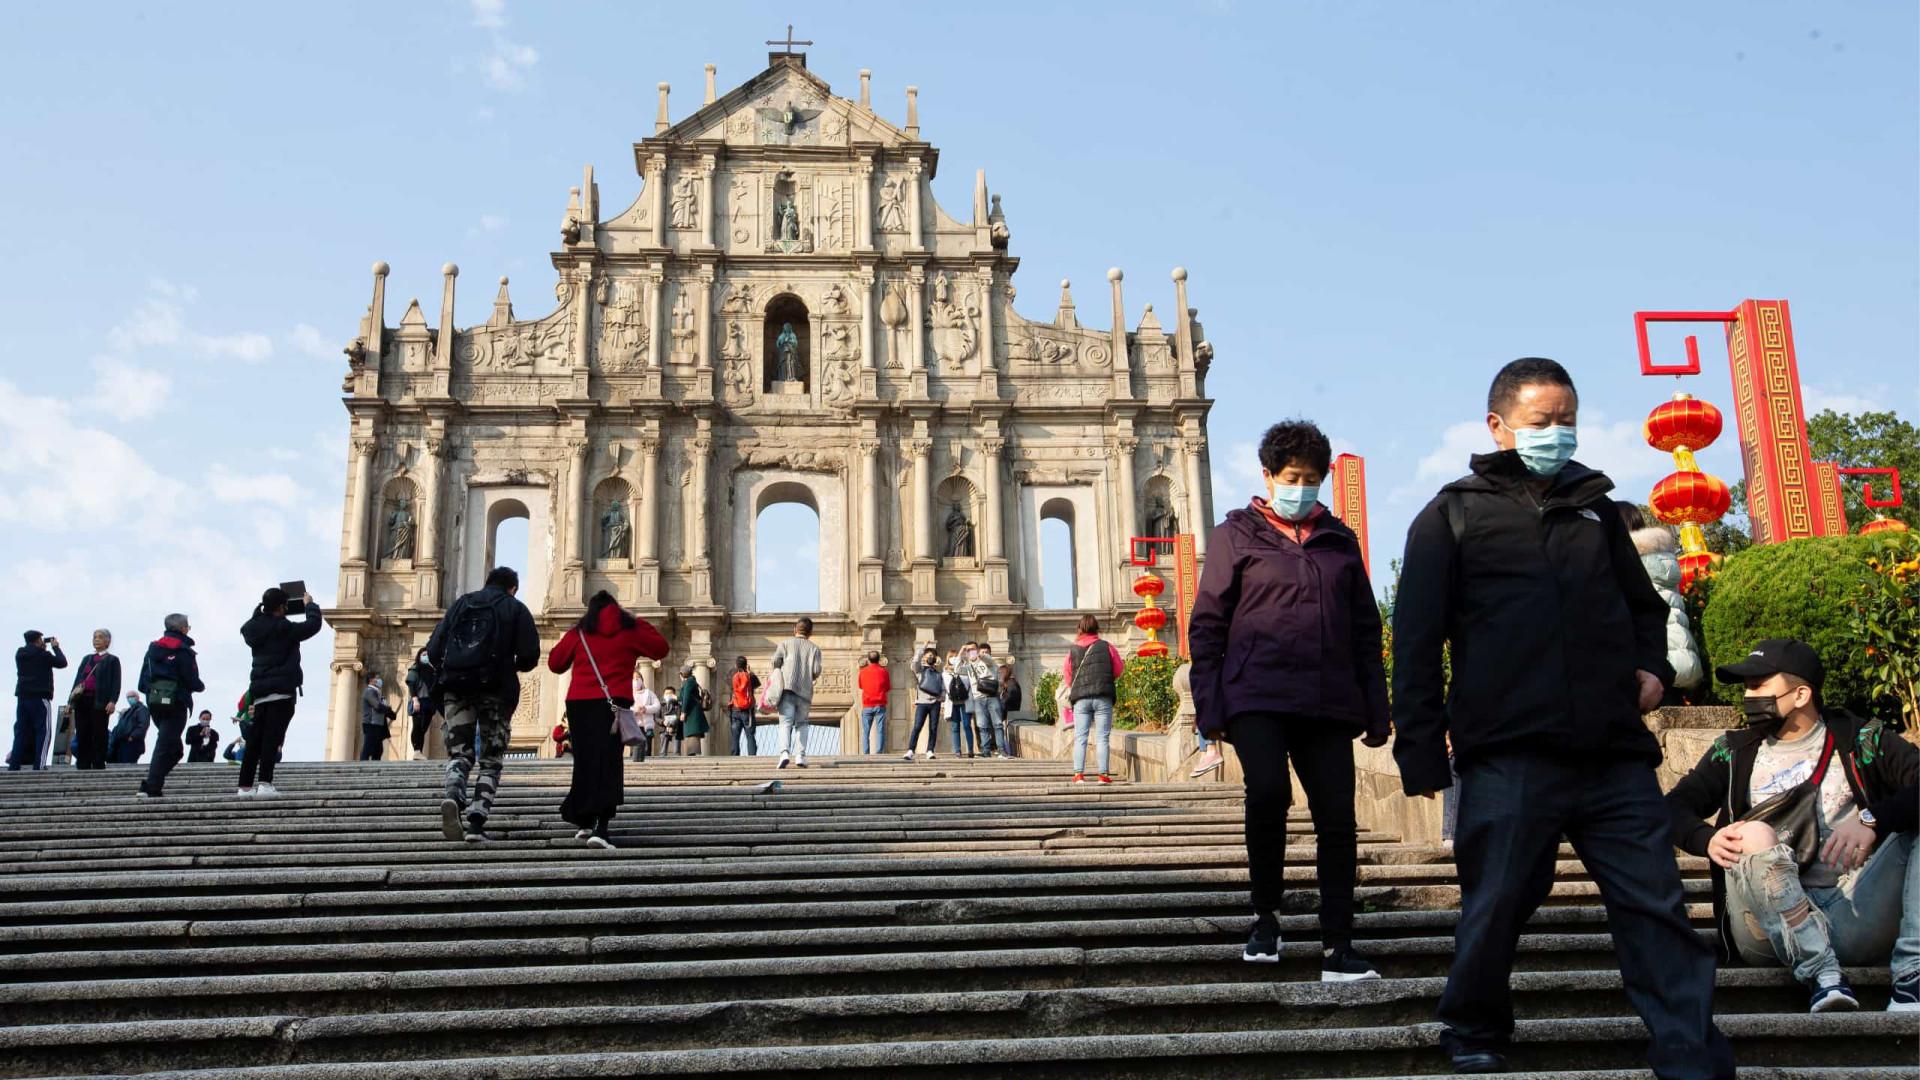 Covid-19: Mais três casos em Macau elevam total para 29